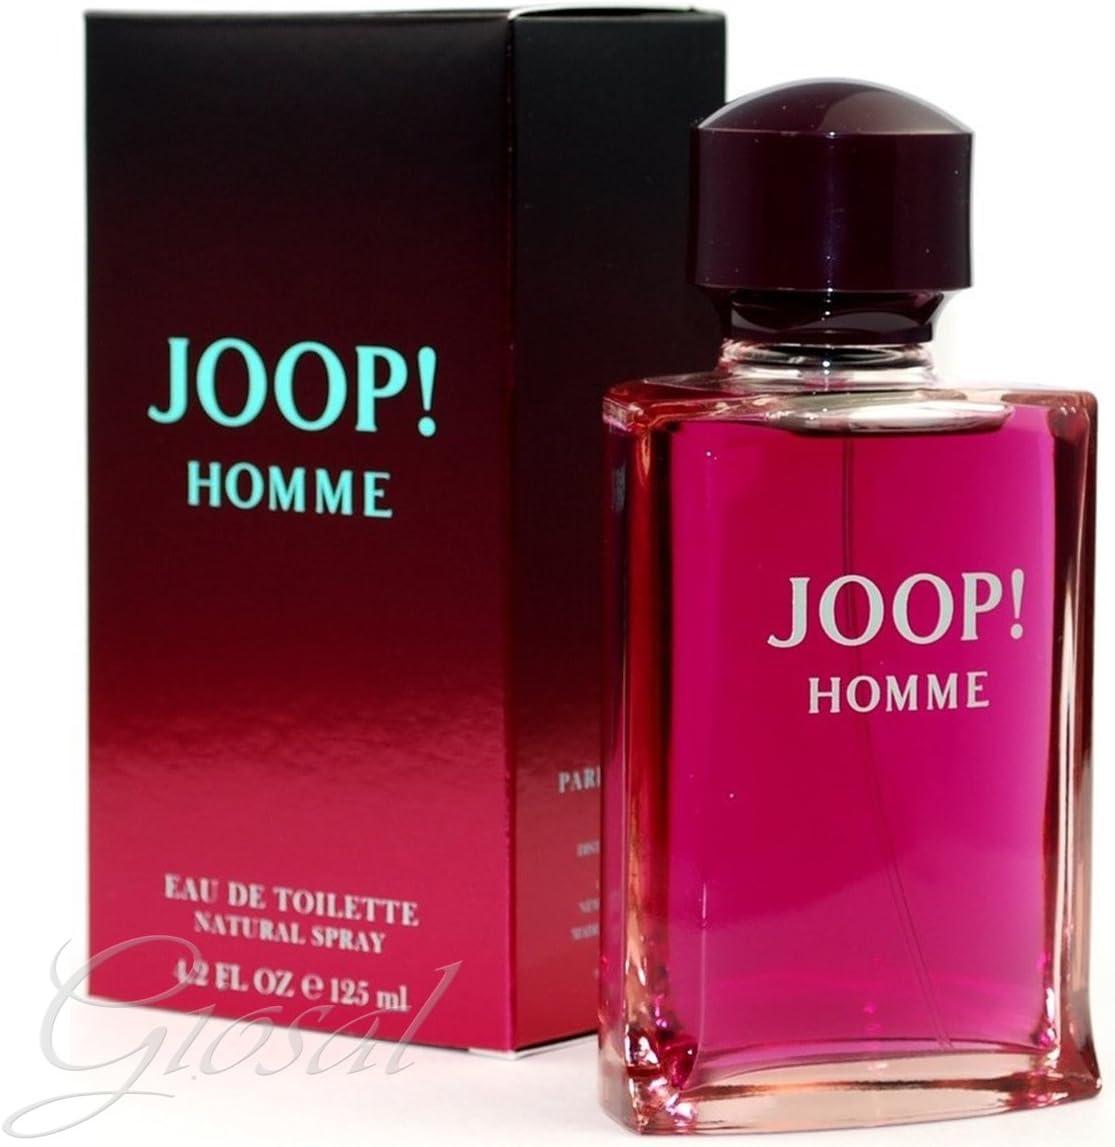 PERFUME PARA HOMBRE JOOP POUR HOMME 200ML EDT 6.7 OZ 200 ML EAU DE TOILETTE SPRAY ORIGINAL